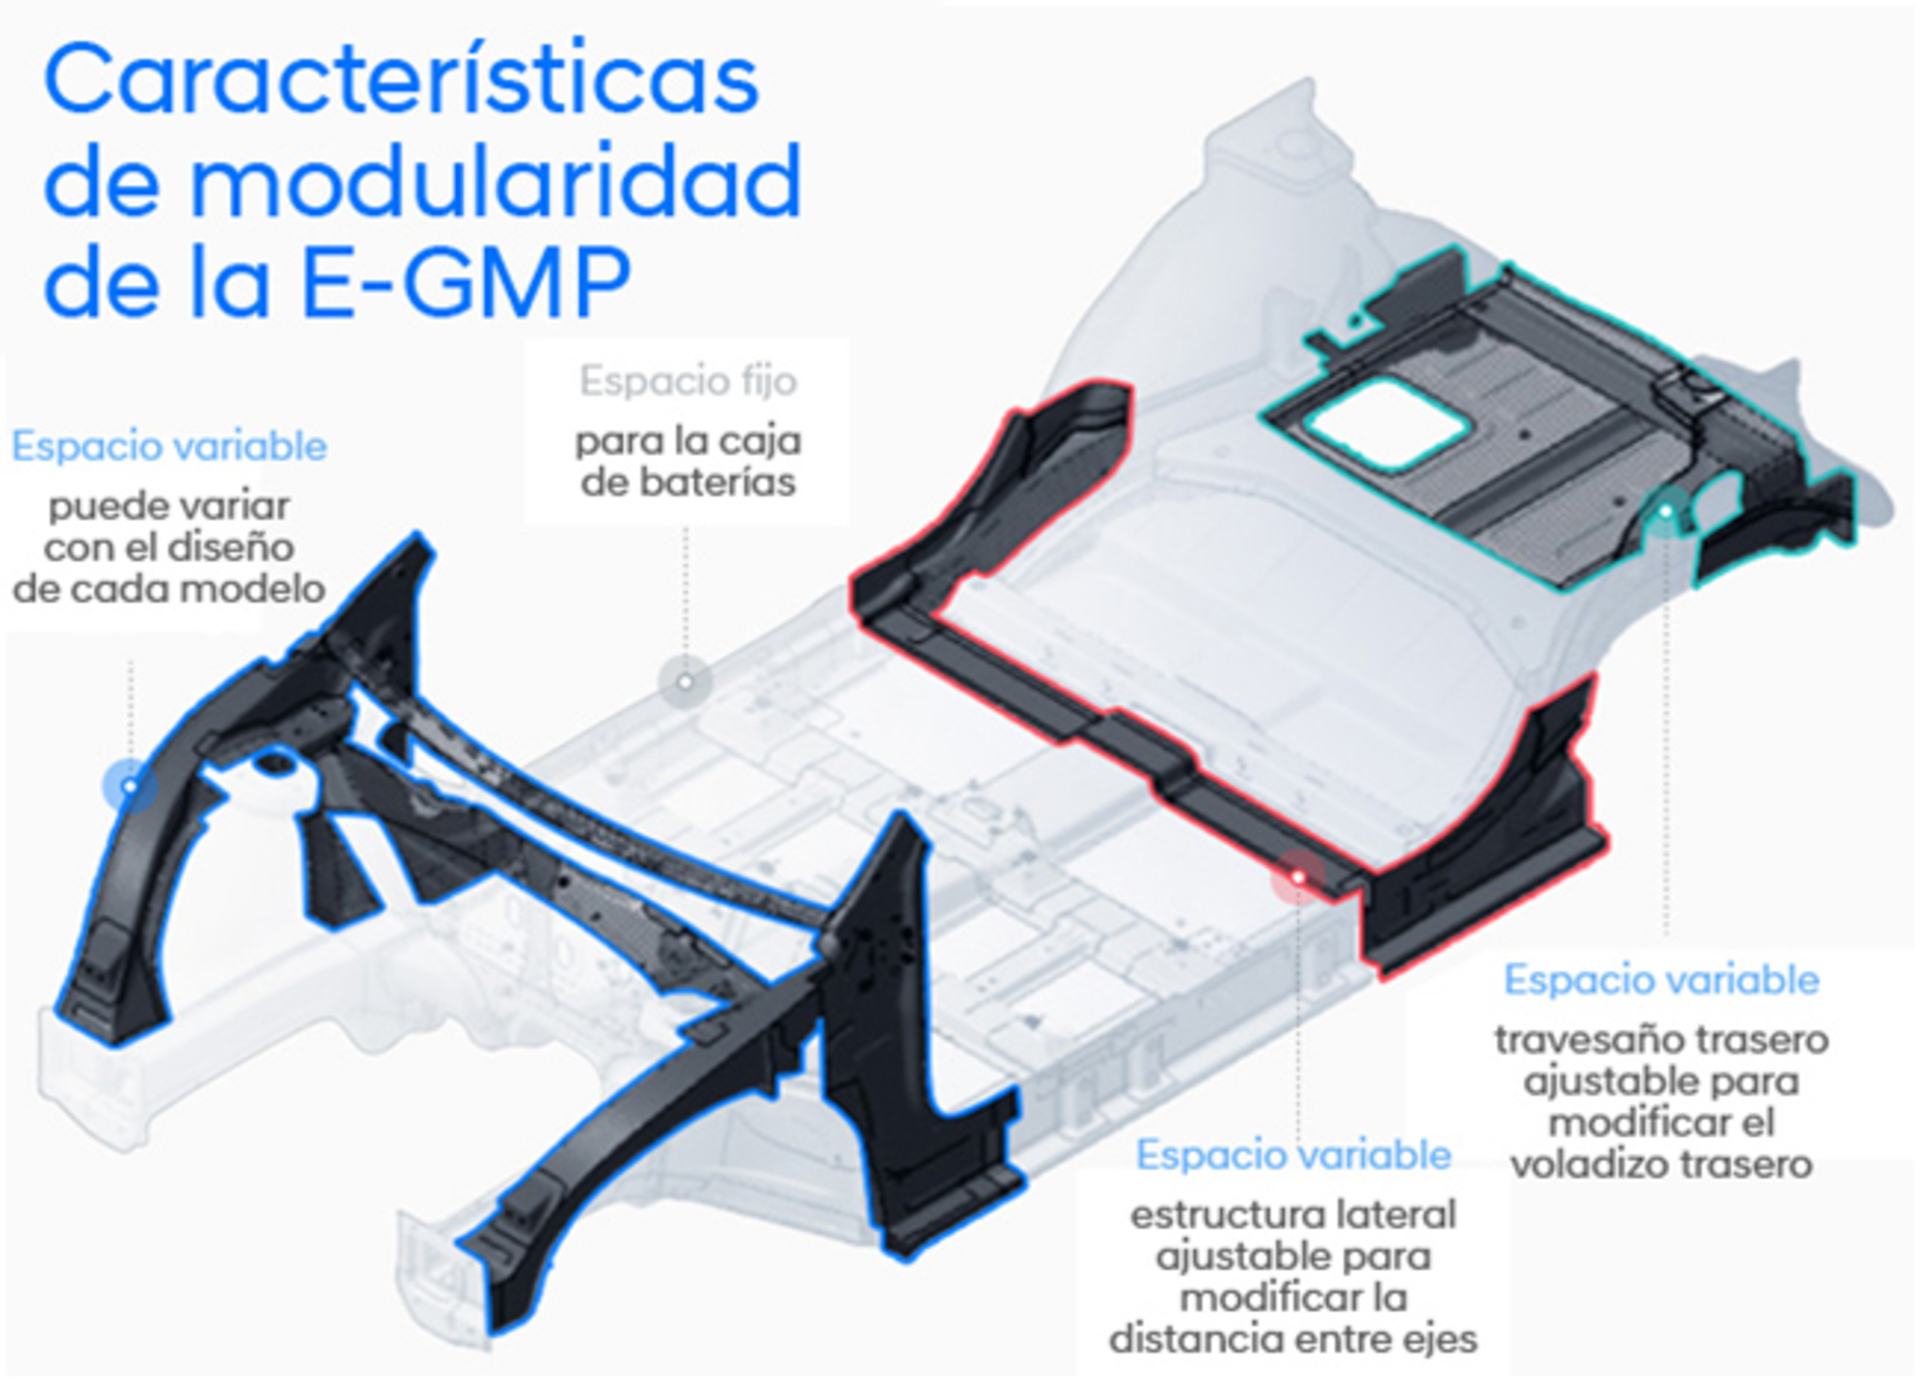 E Gmp